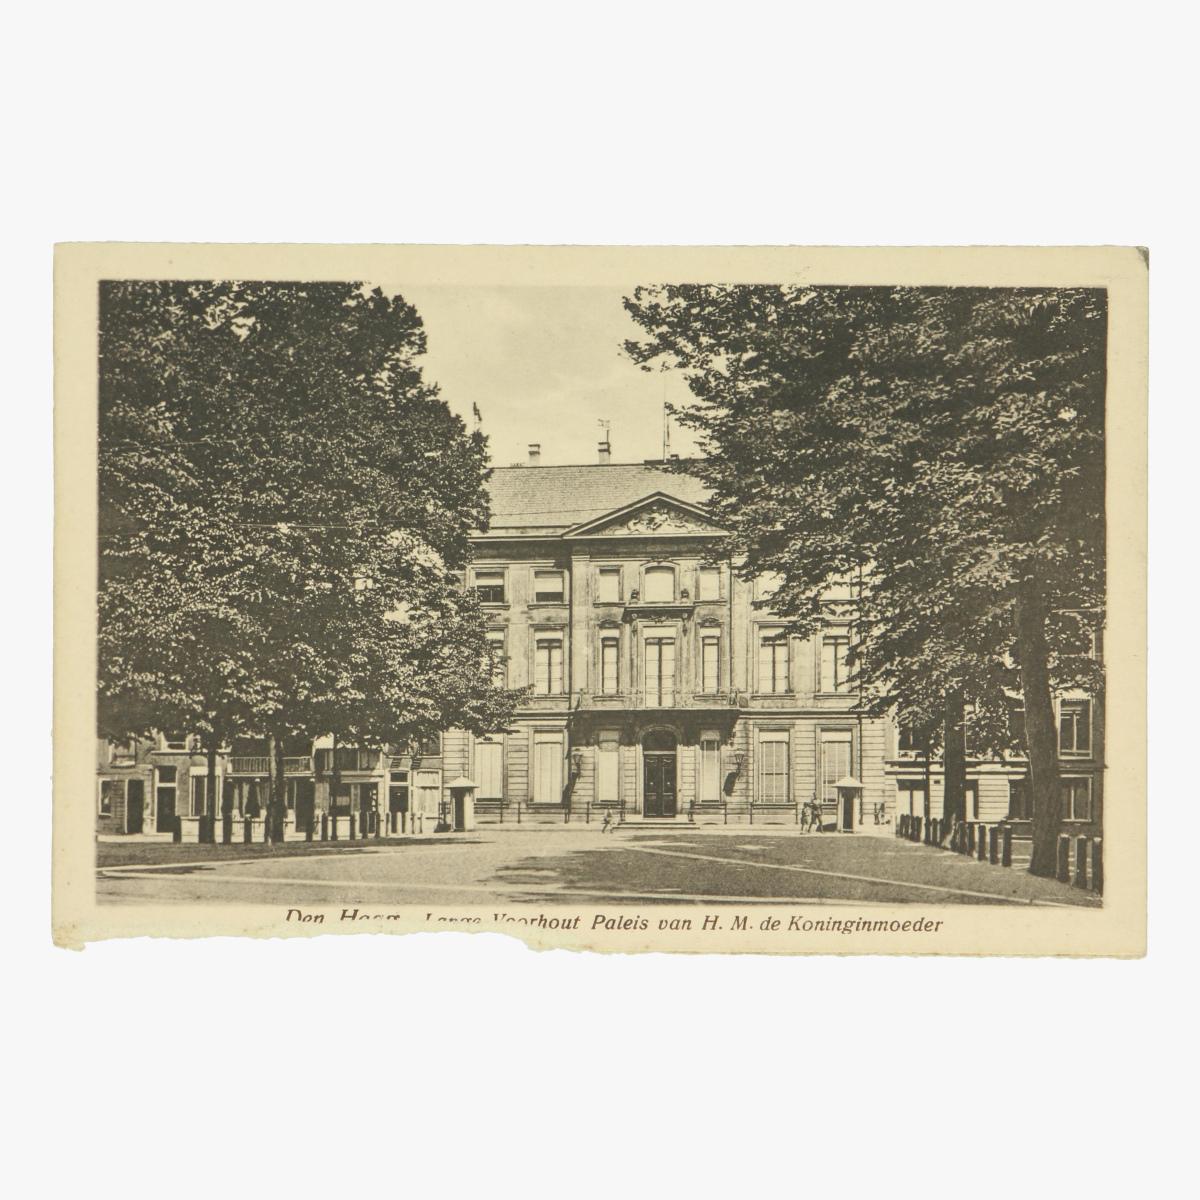 Afbeeldingen van Den Haag - Lange Voorhout Paleis van H. M. de Koninginmoeder. Postkaart . Uitgeverij Artur Klitzsch